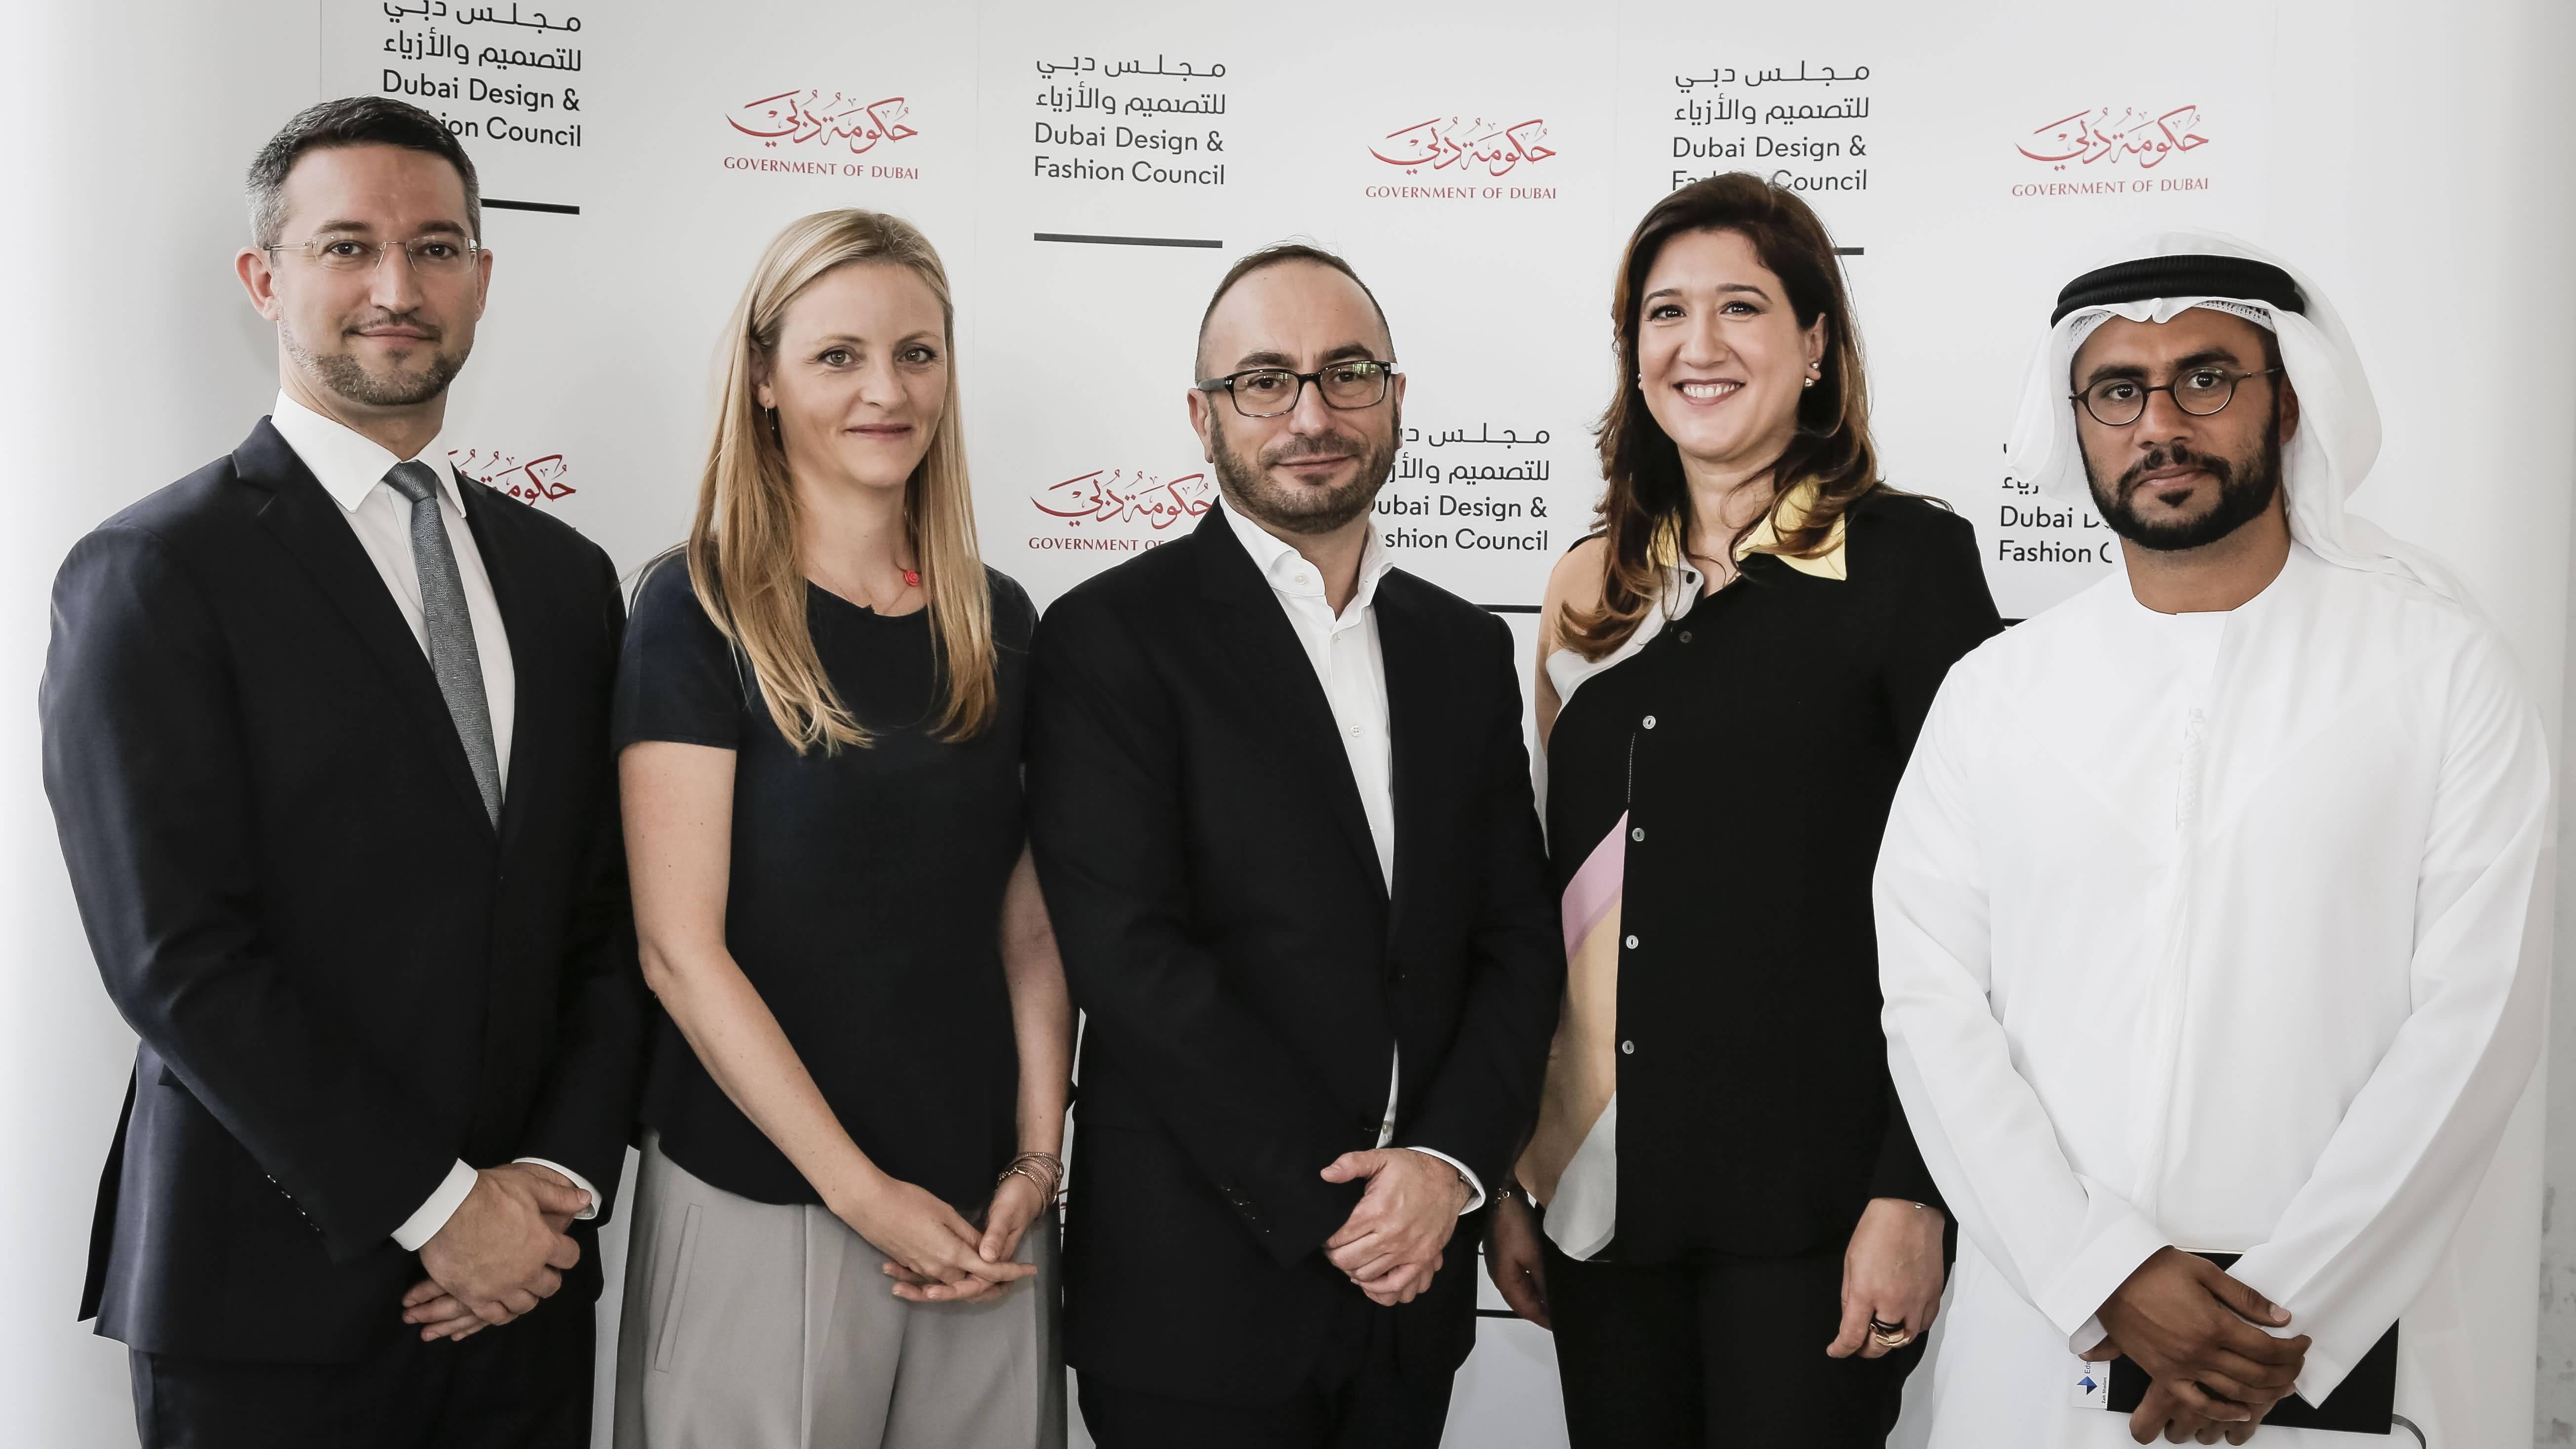 أسبوع دبي للتصميم أكتوبر القادم